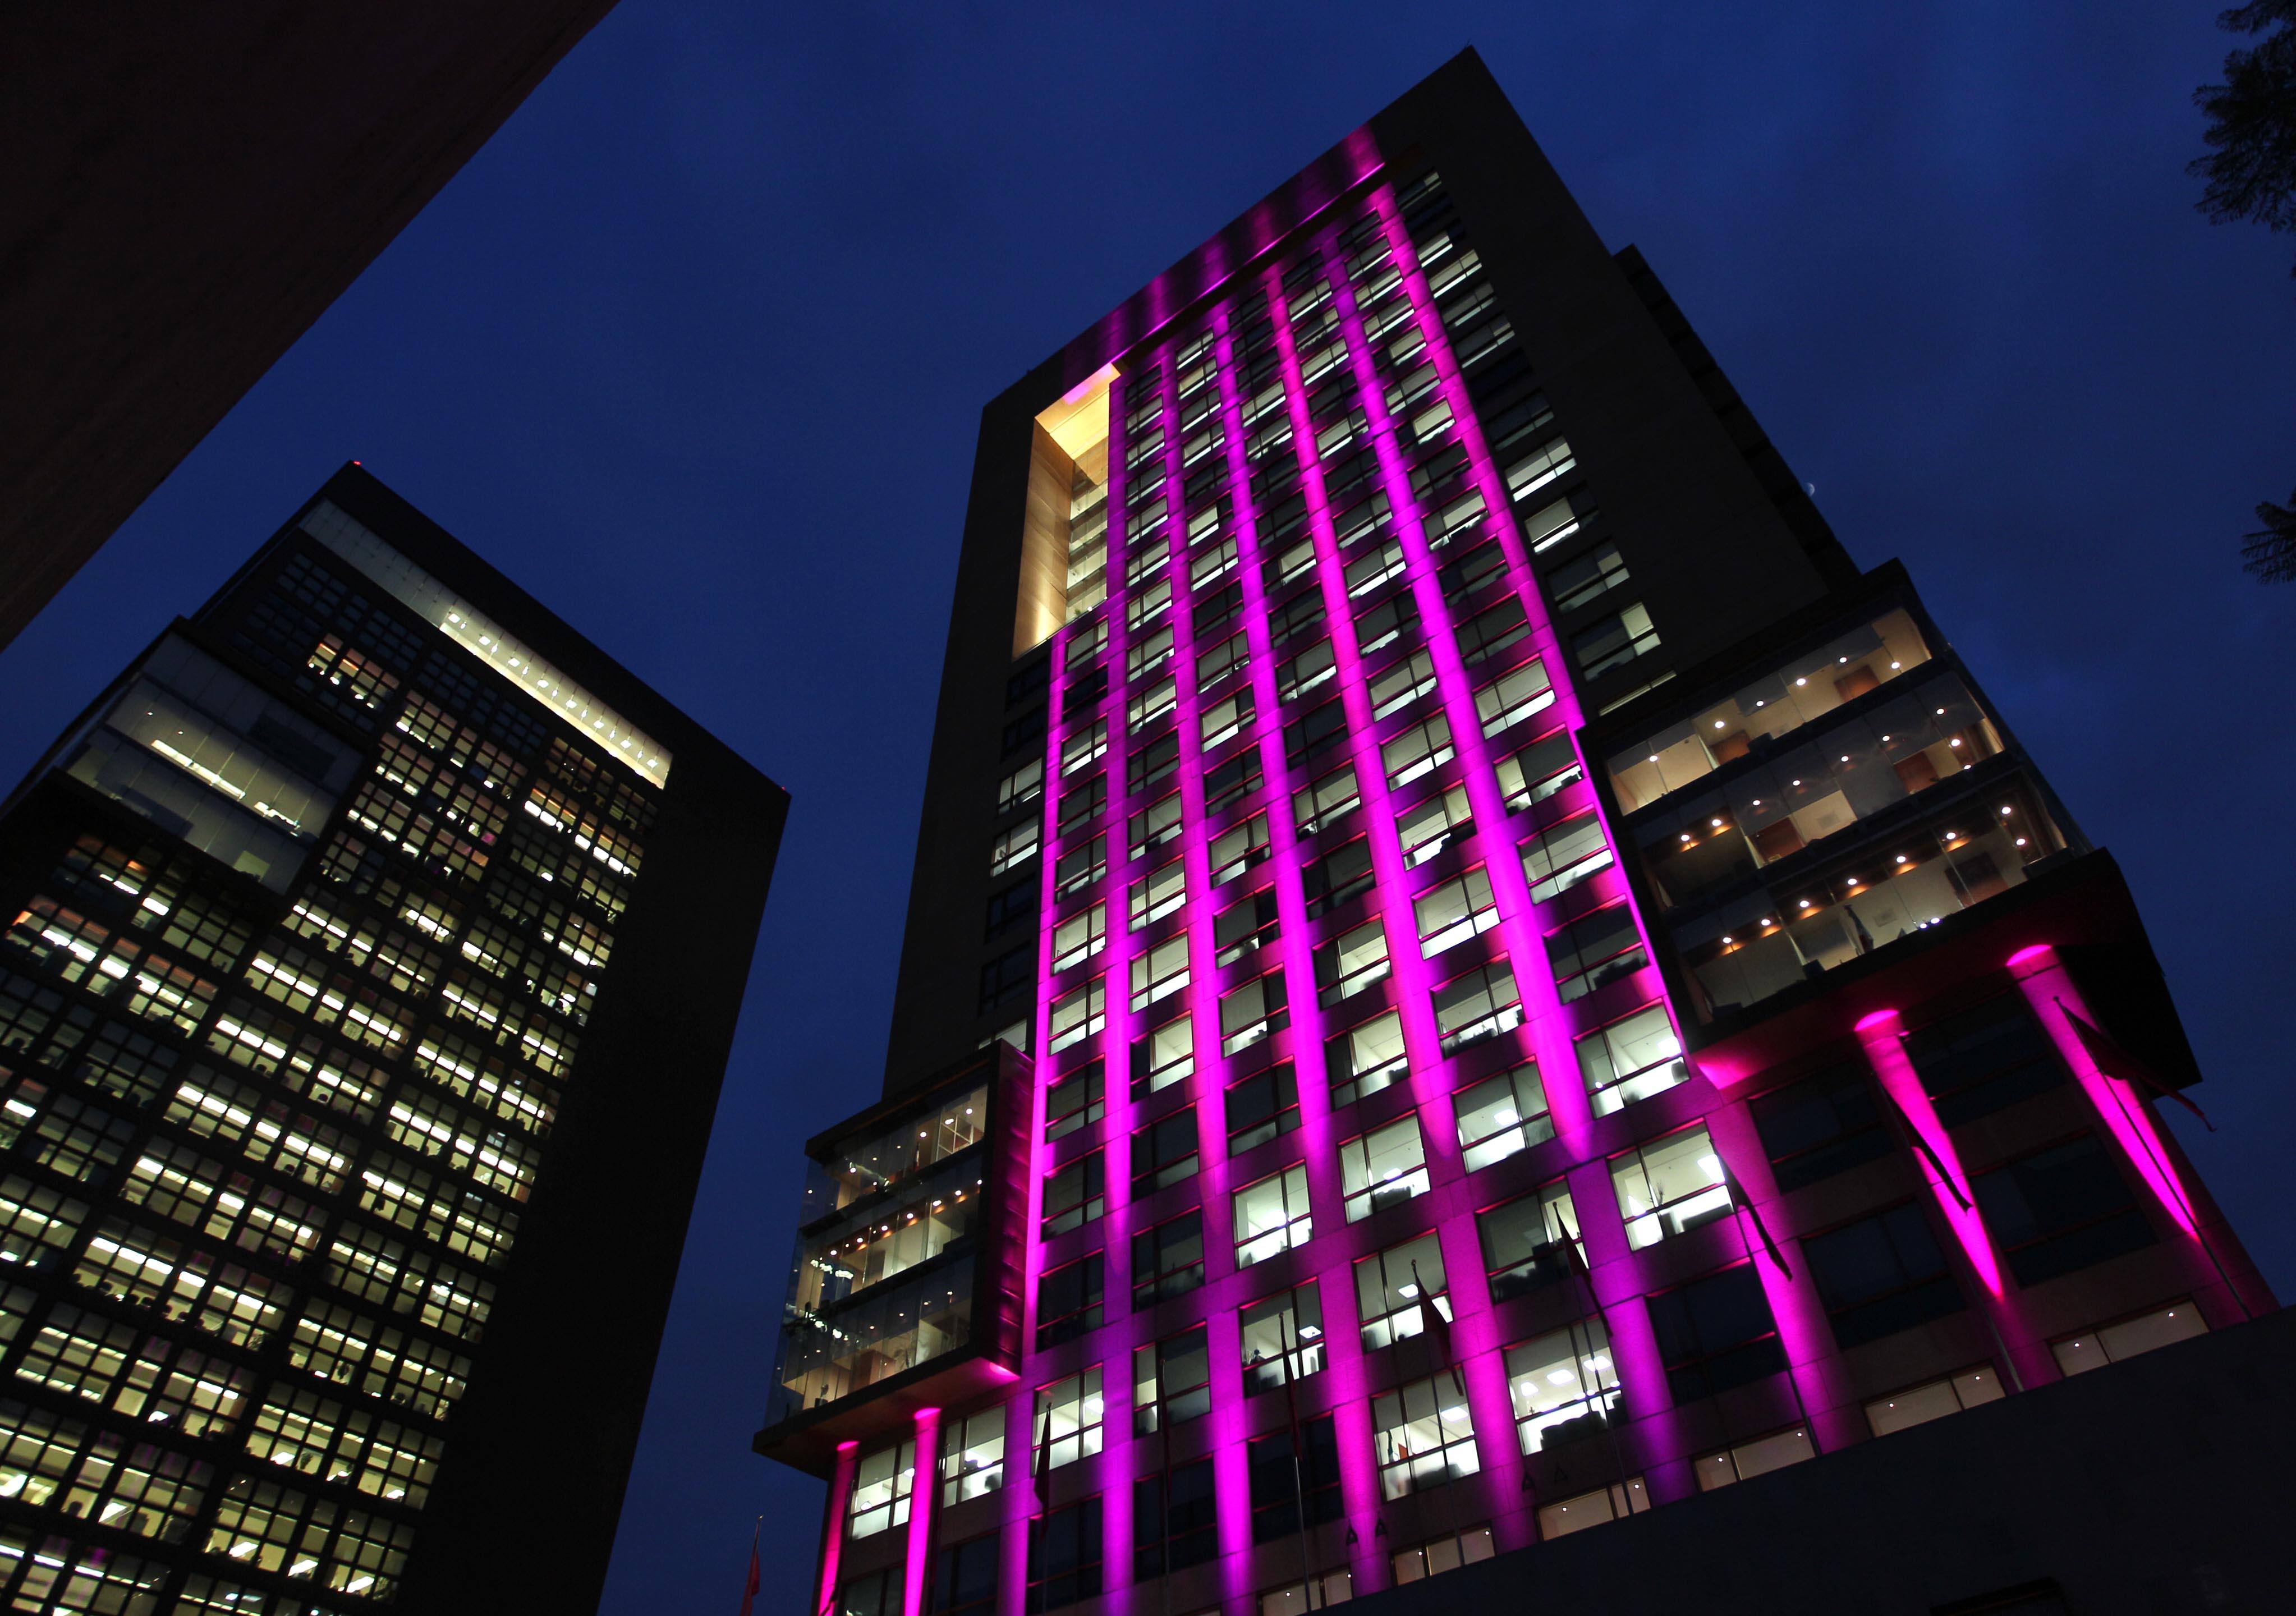 FOTO 4 Edificio de la SRE se ilumina de rosa en el D a internacional de la lucha contra el c ncer de mama.jpg